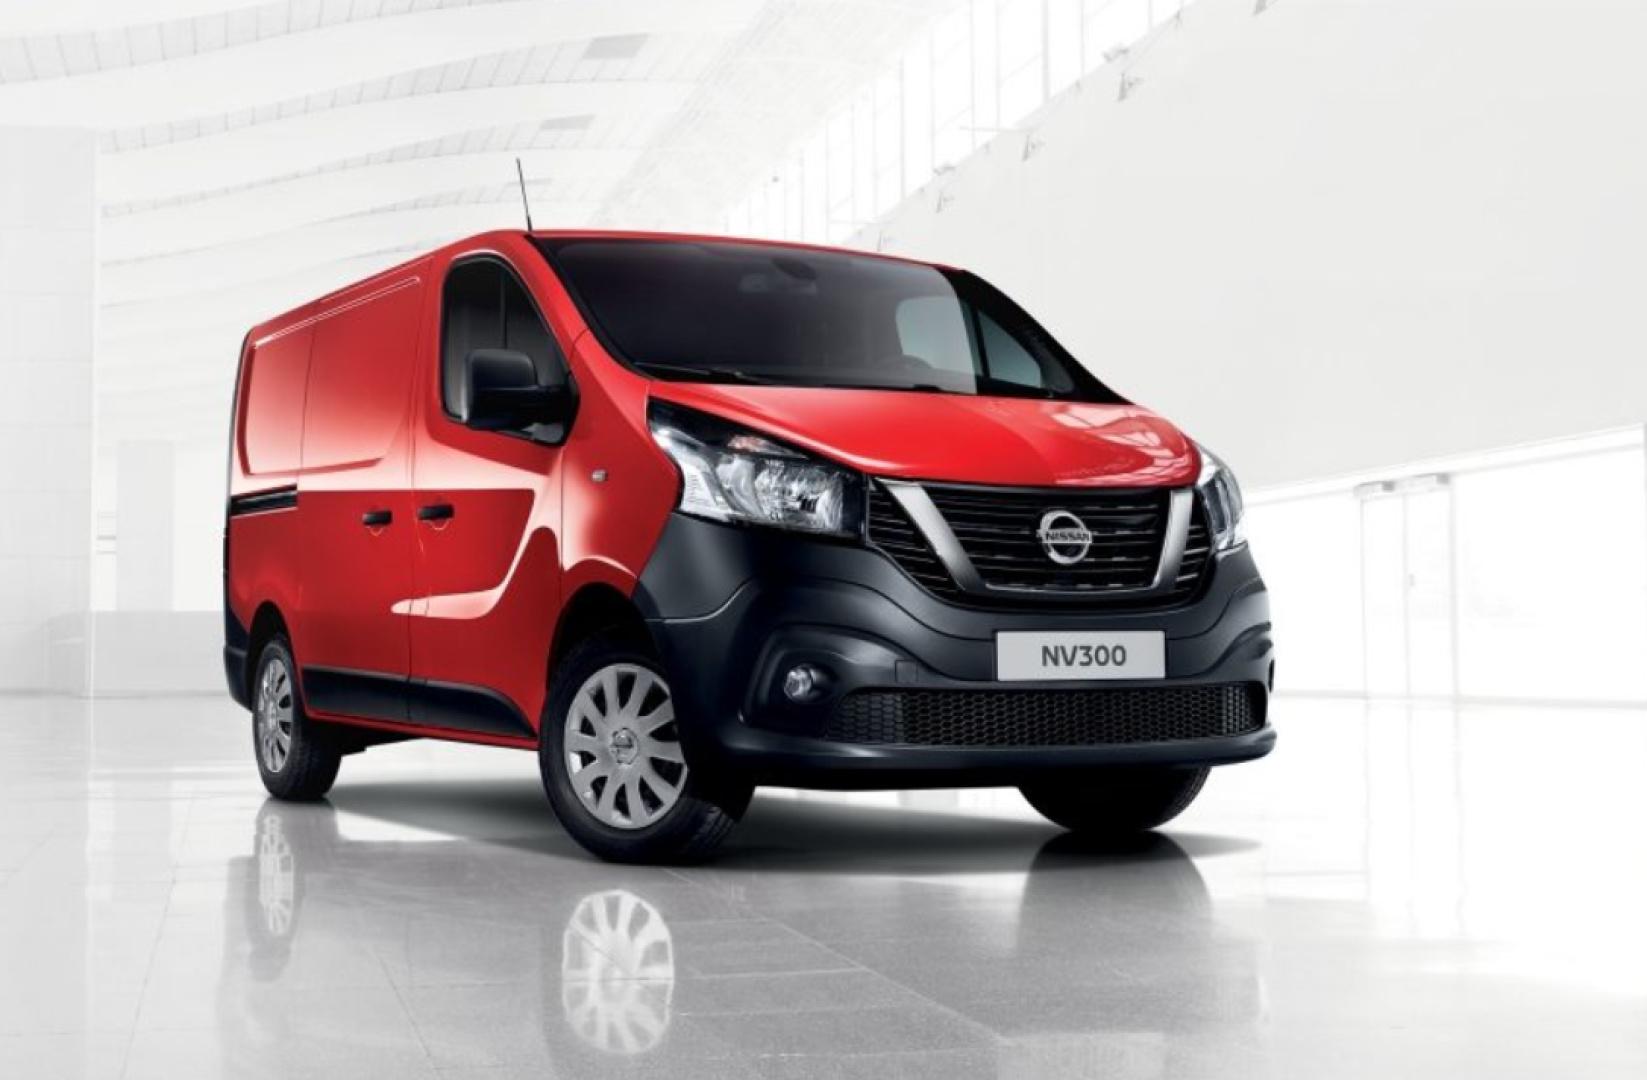 Nissan-Nissan bedrijfs wagens-5